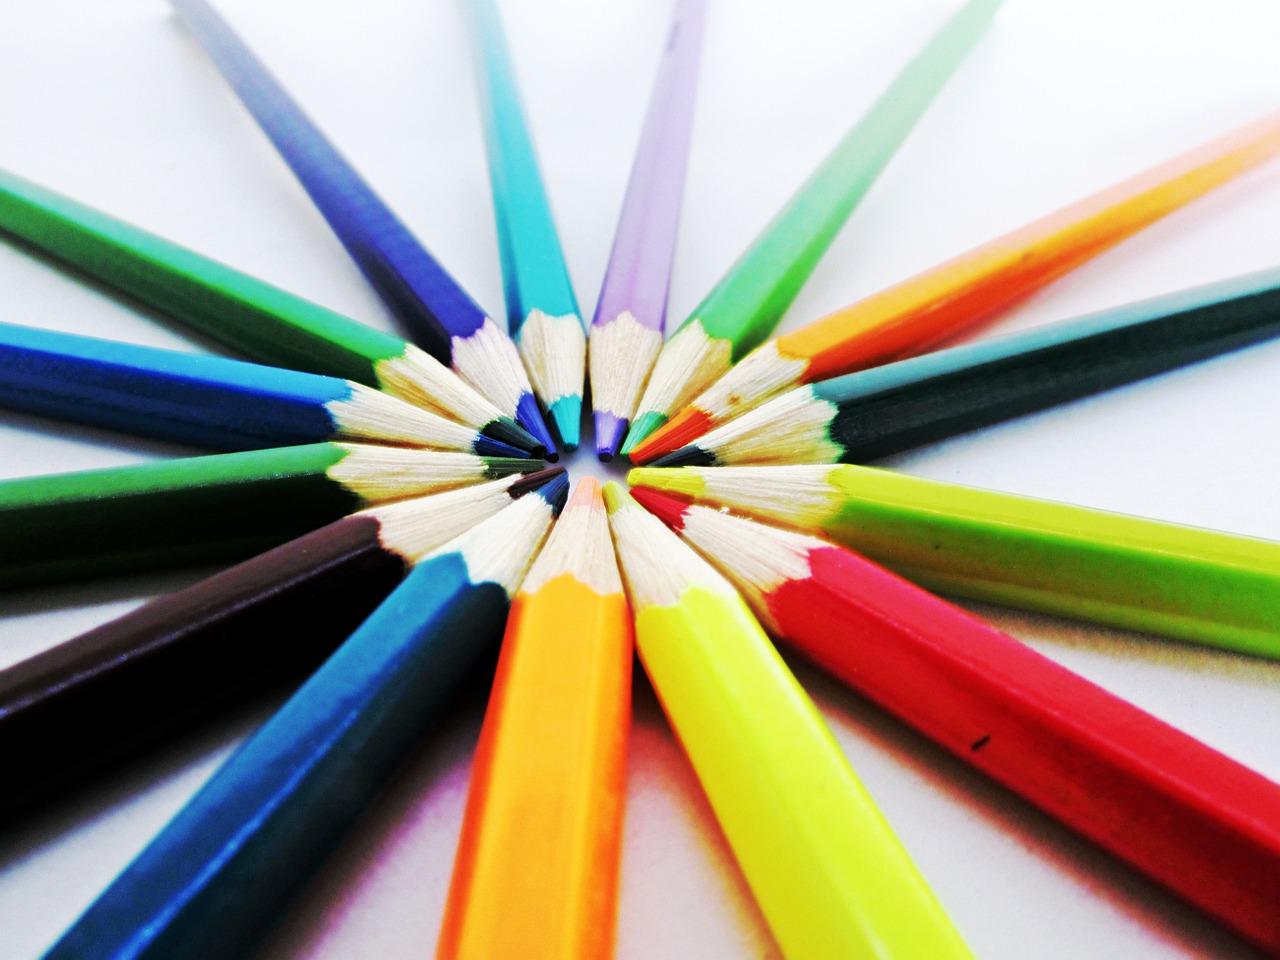 Matite colorate per scrivere